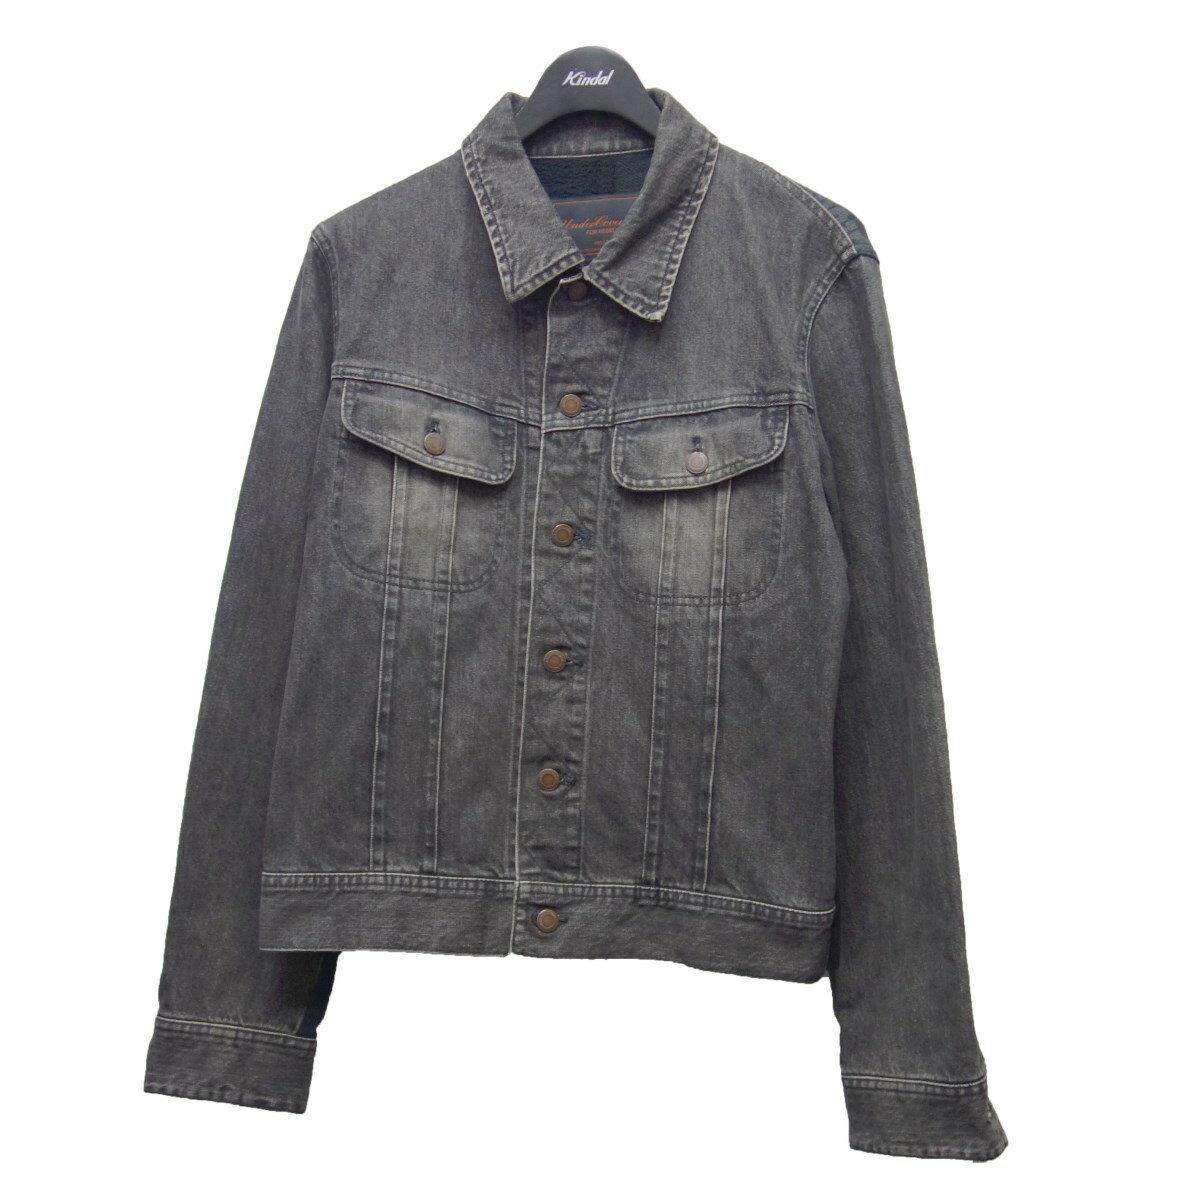 メンズファッション, コート・ジャケット UNDERCOVERISM03AW PAPER DOLL M 531